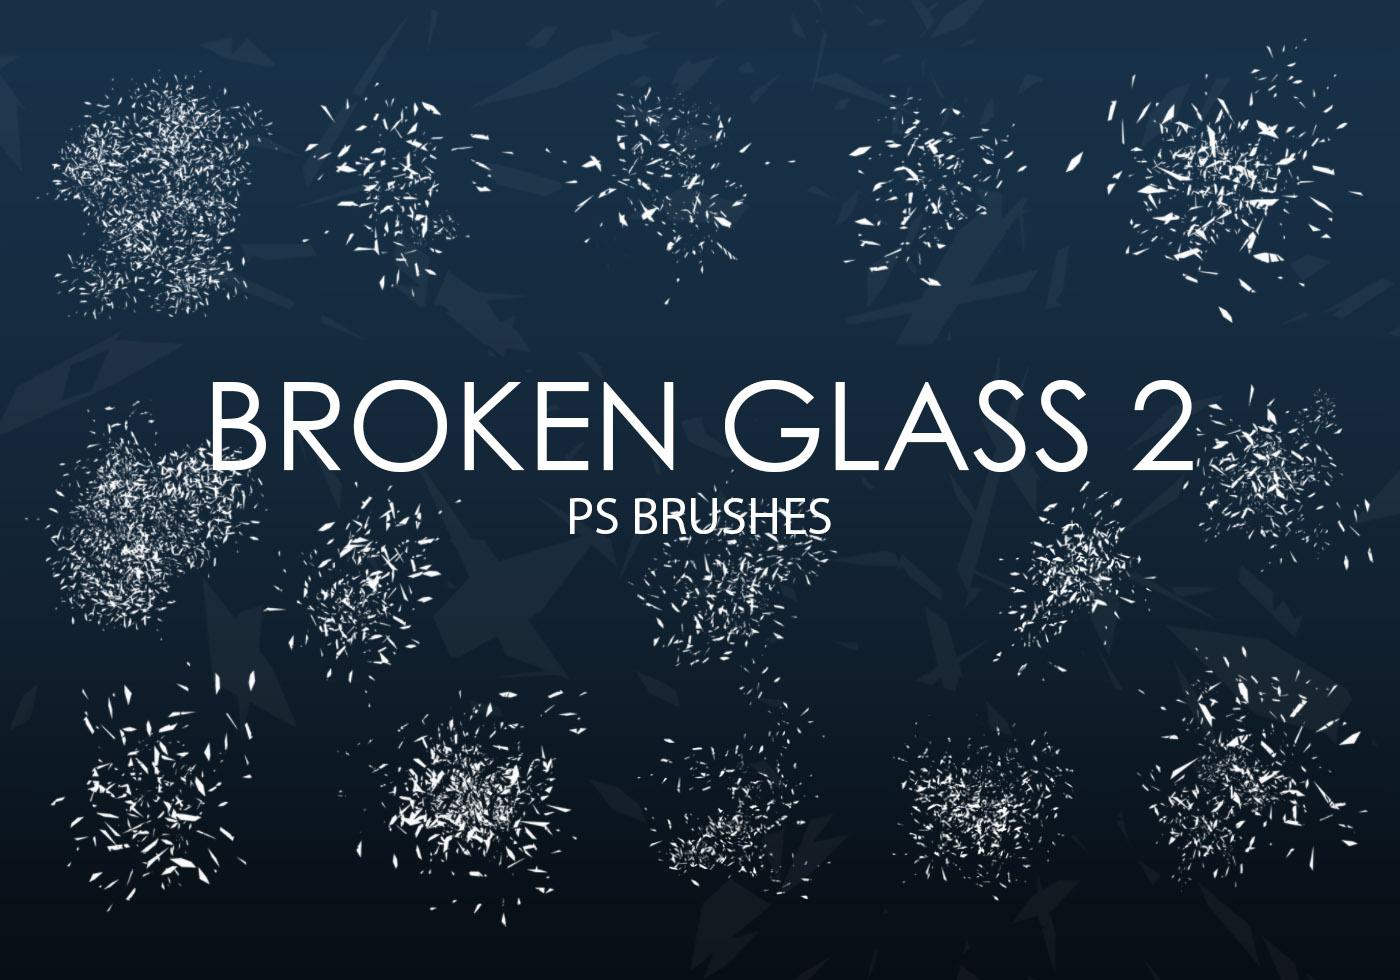 Broken Glass Brushes | Free Photoshop Brushes at Brusheezy!